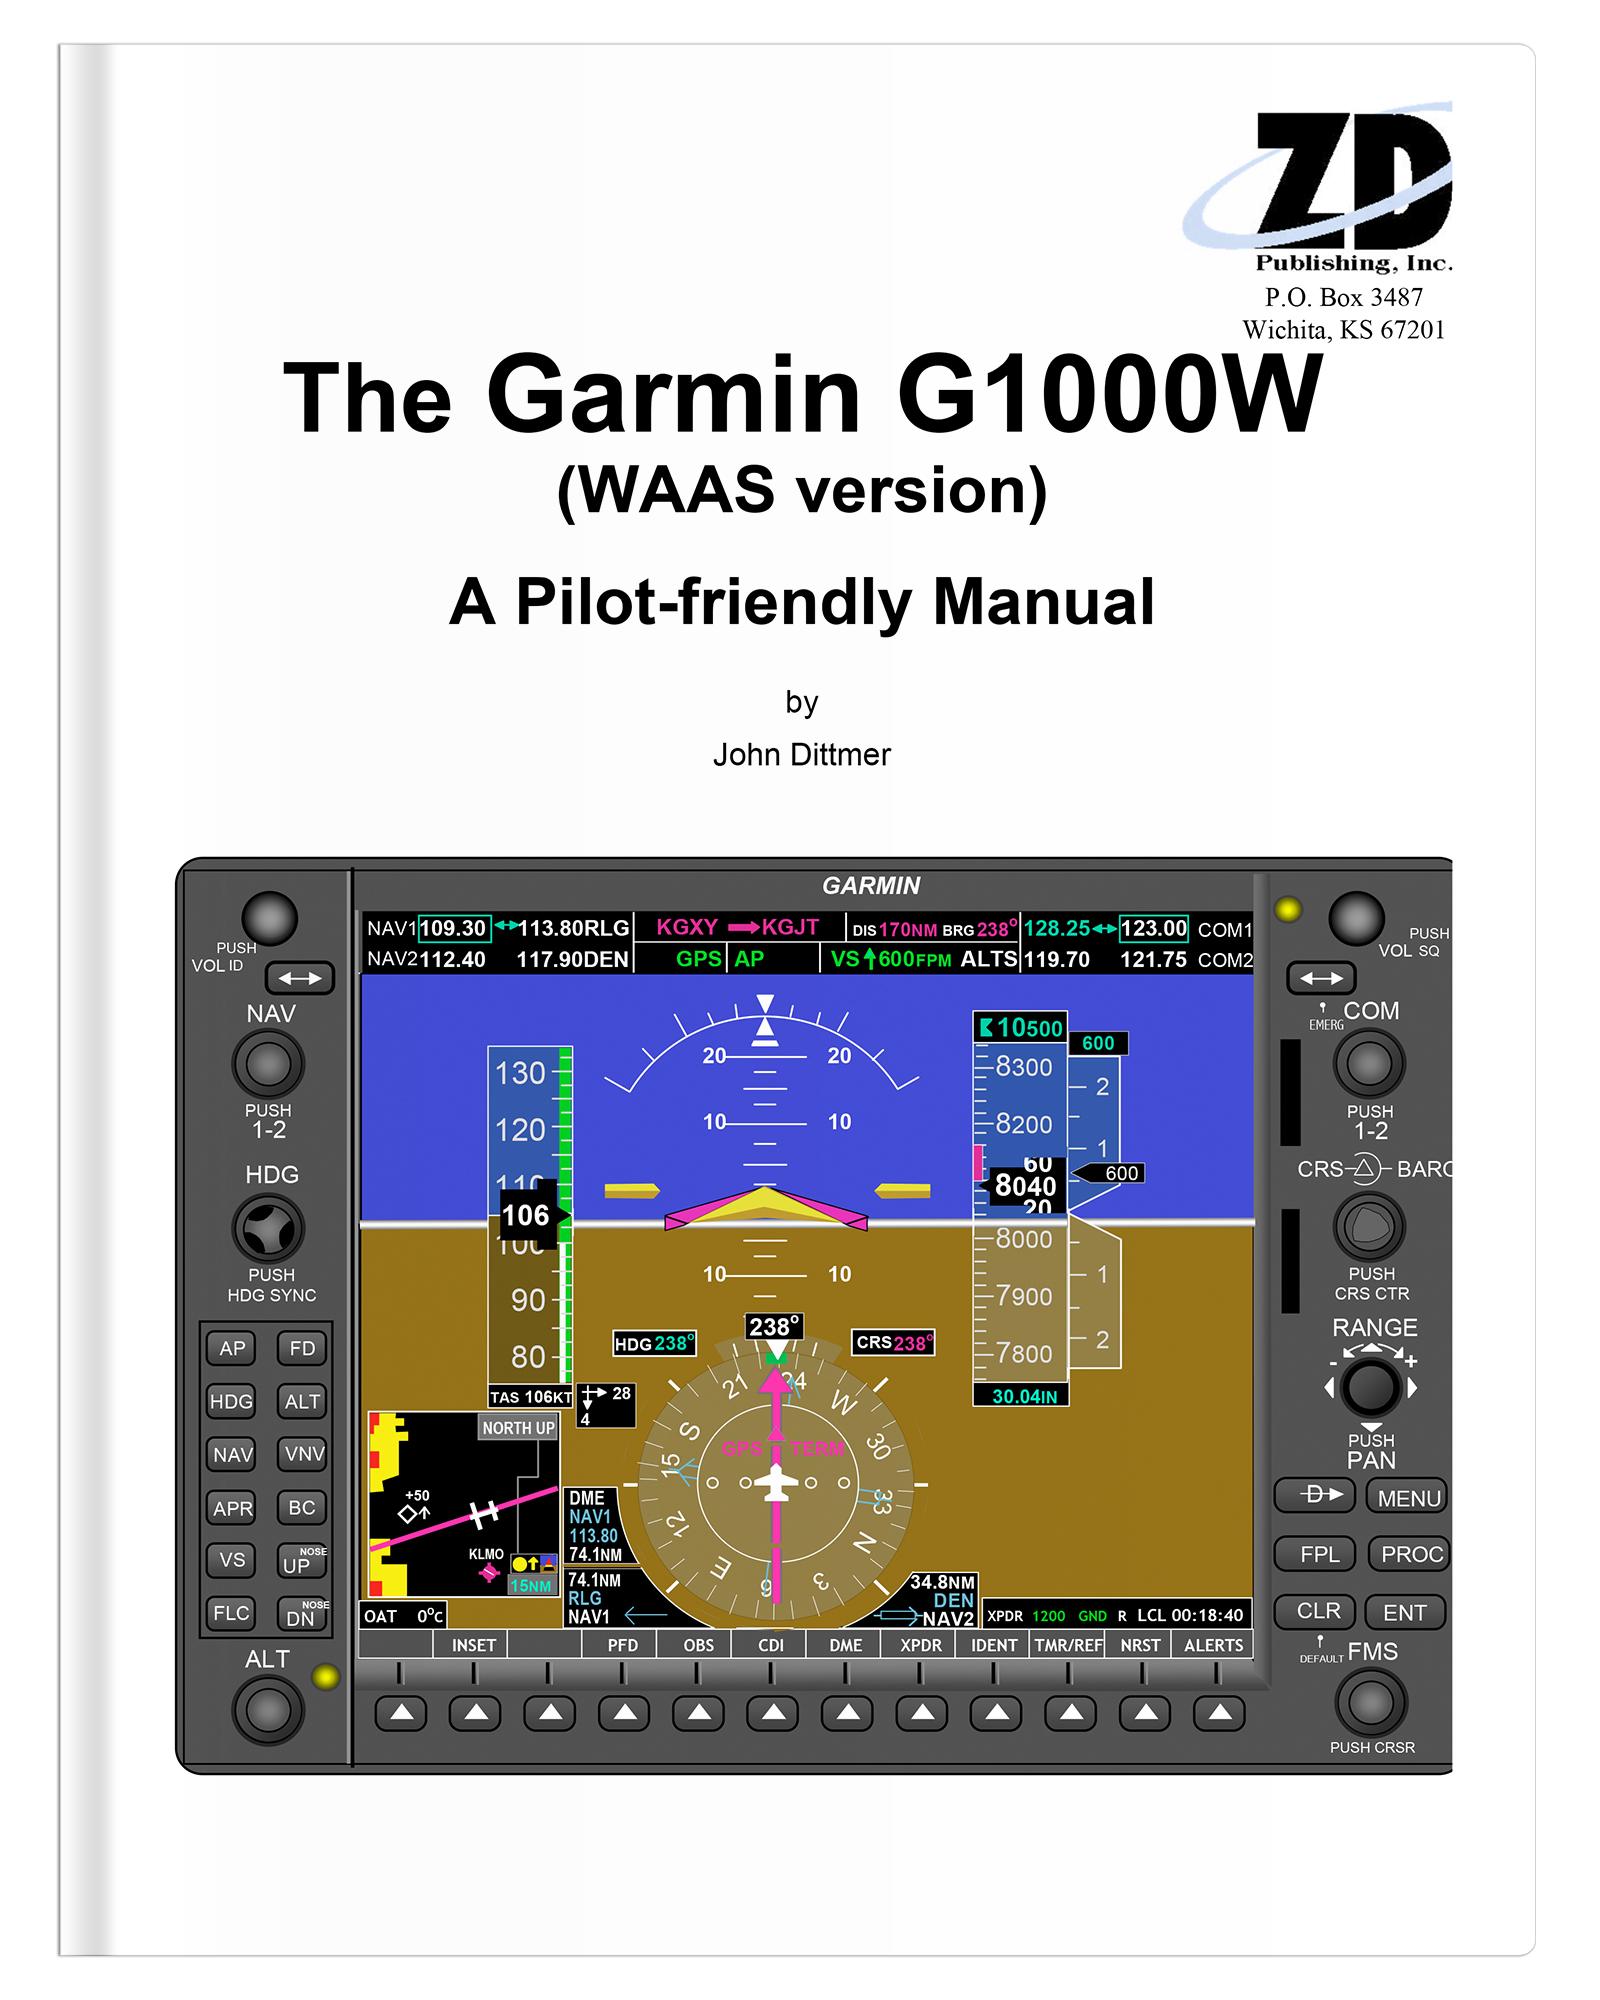 Garmin G1000W (WAAS version)